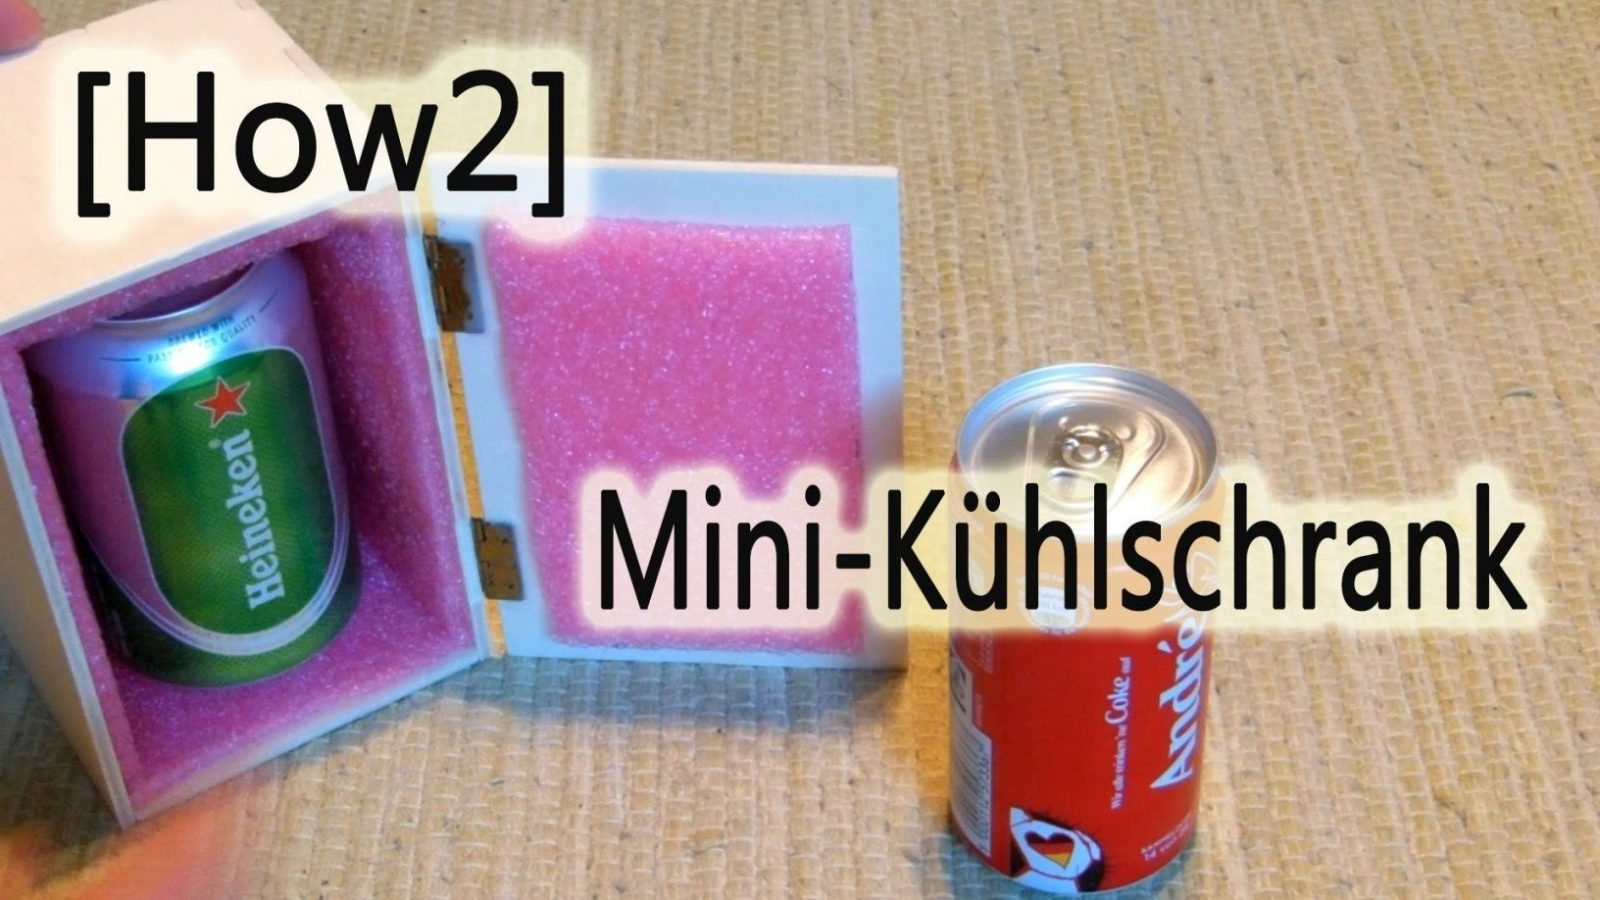 How2] Mini Kühlschrank Selbst Gebaut  Youtube von Peltier Element Kühlbox Selber Bauen Bild